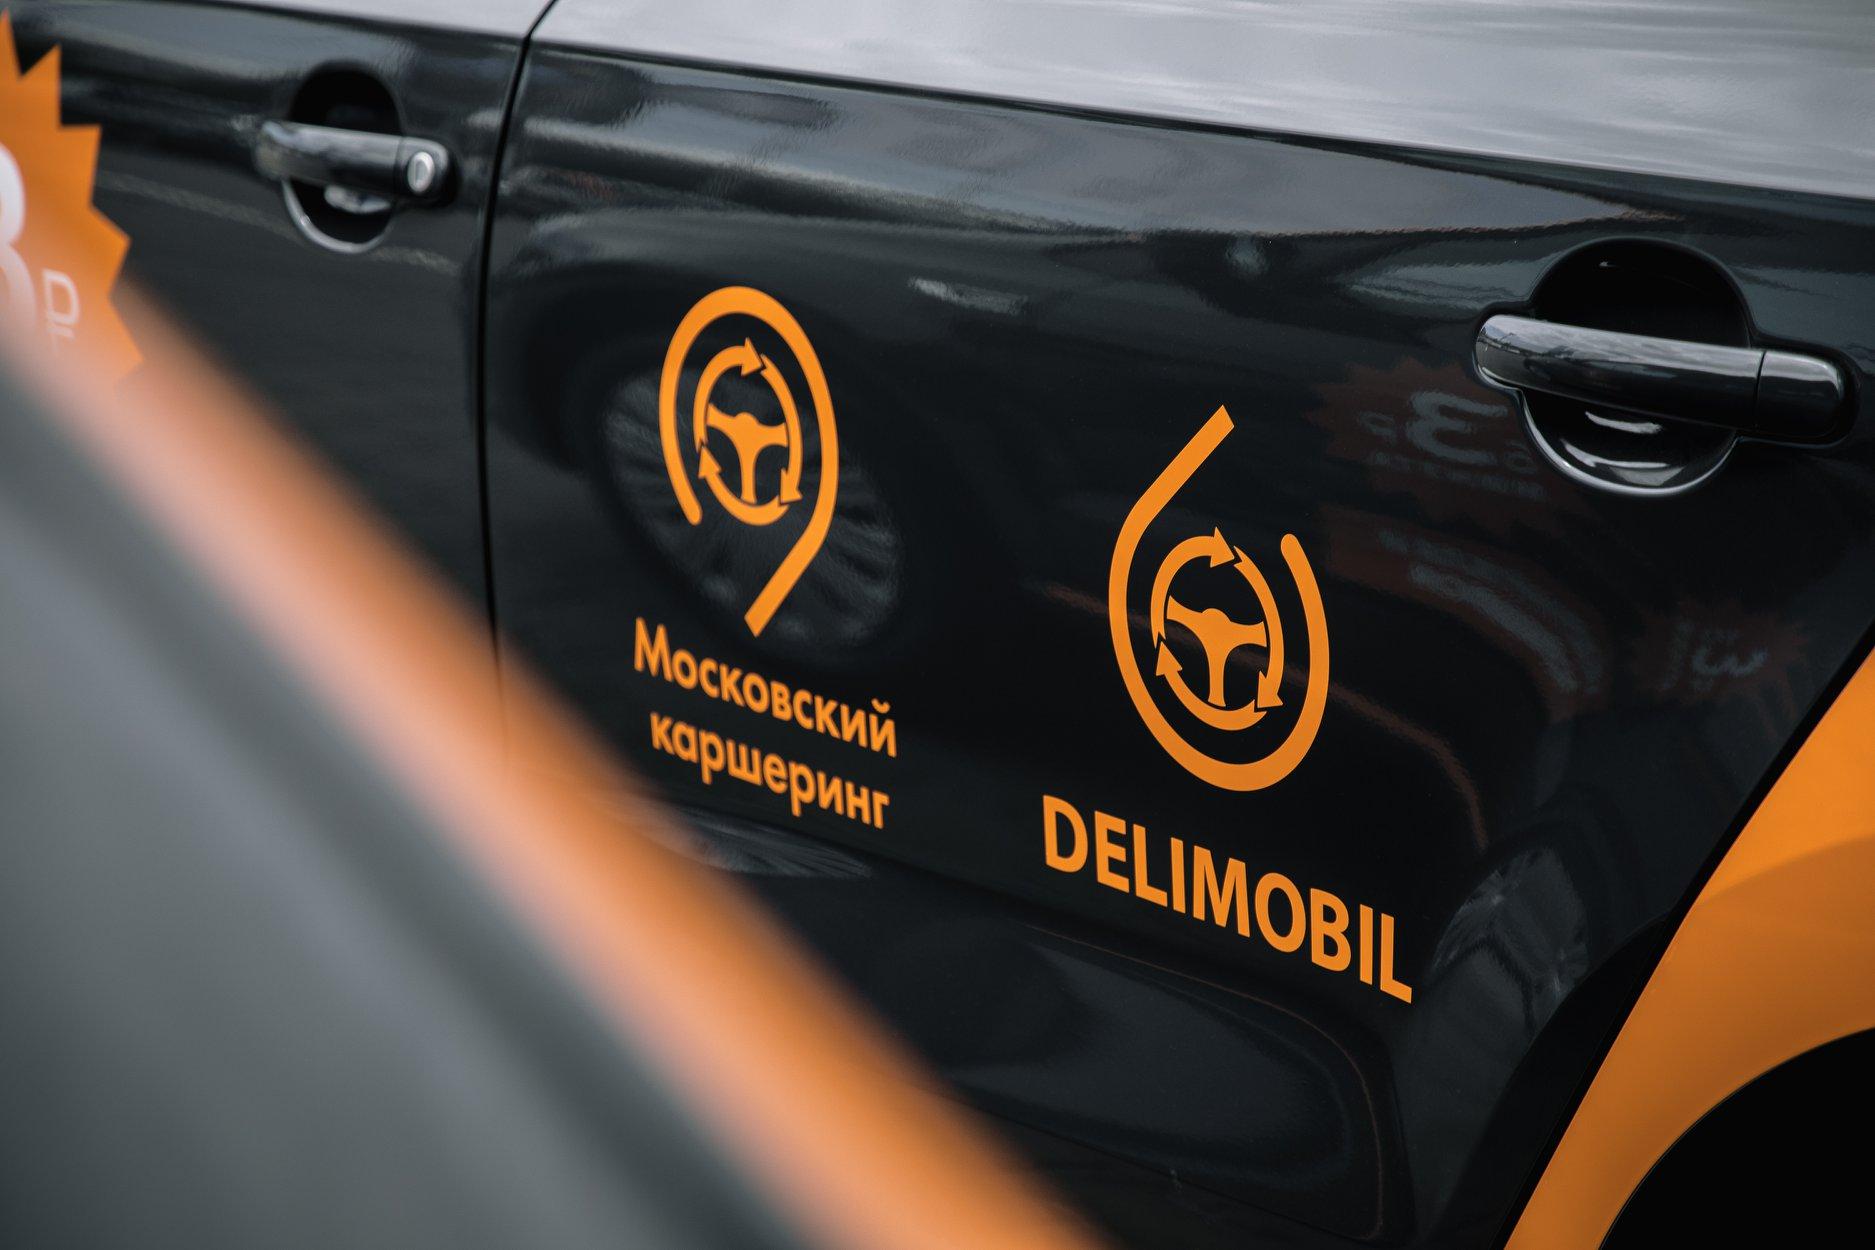 Суд обязал «Делимобиль» добавить оплату наличными